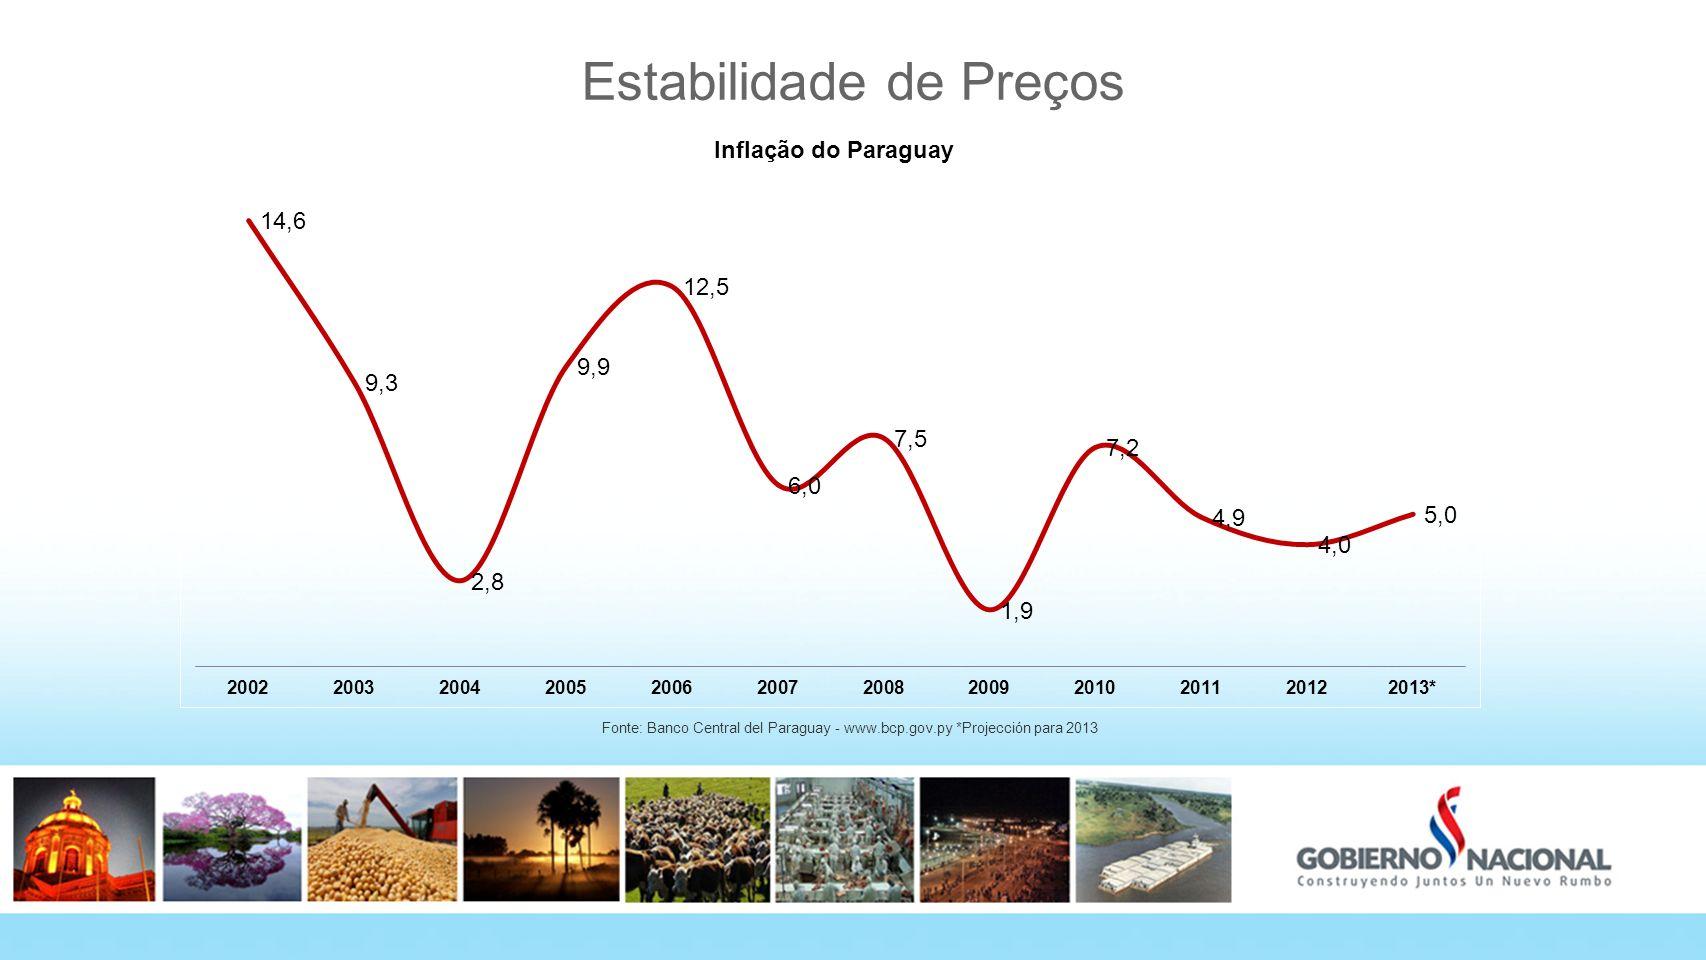 Estabilidade de Preços